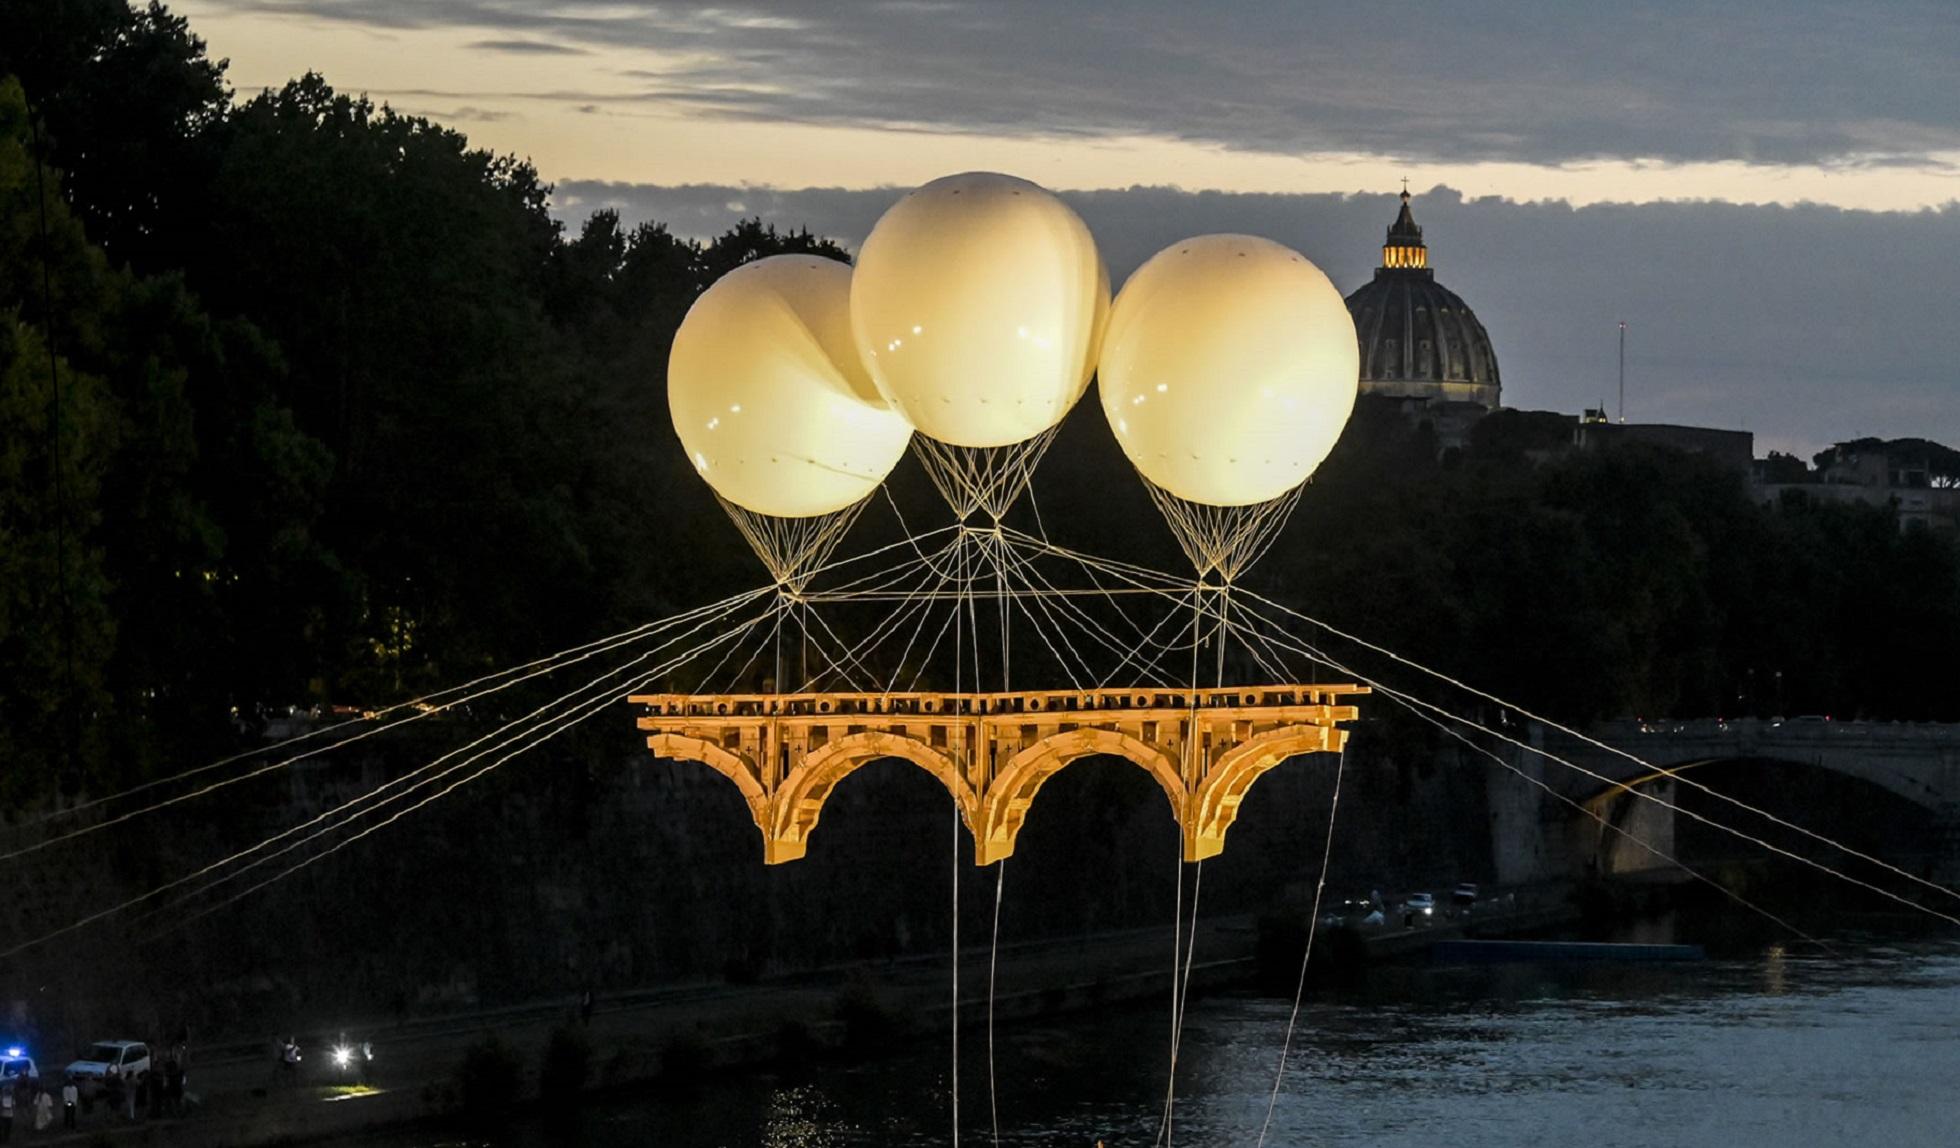 Un volo sul Tevere. A Roma la monumentale installazione del Ponte Farnese di Michelangelo